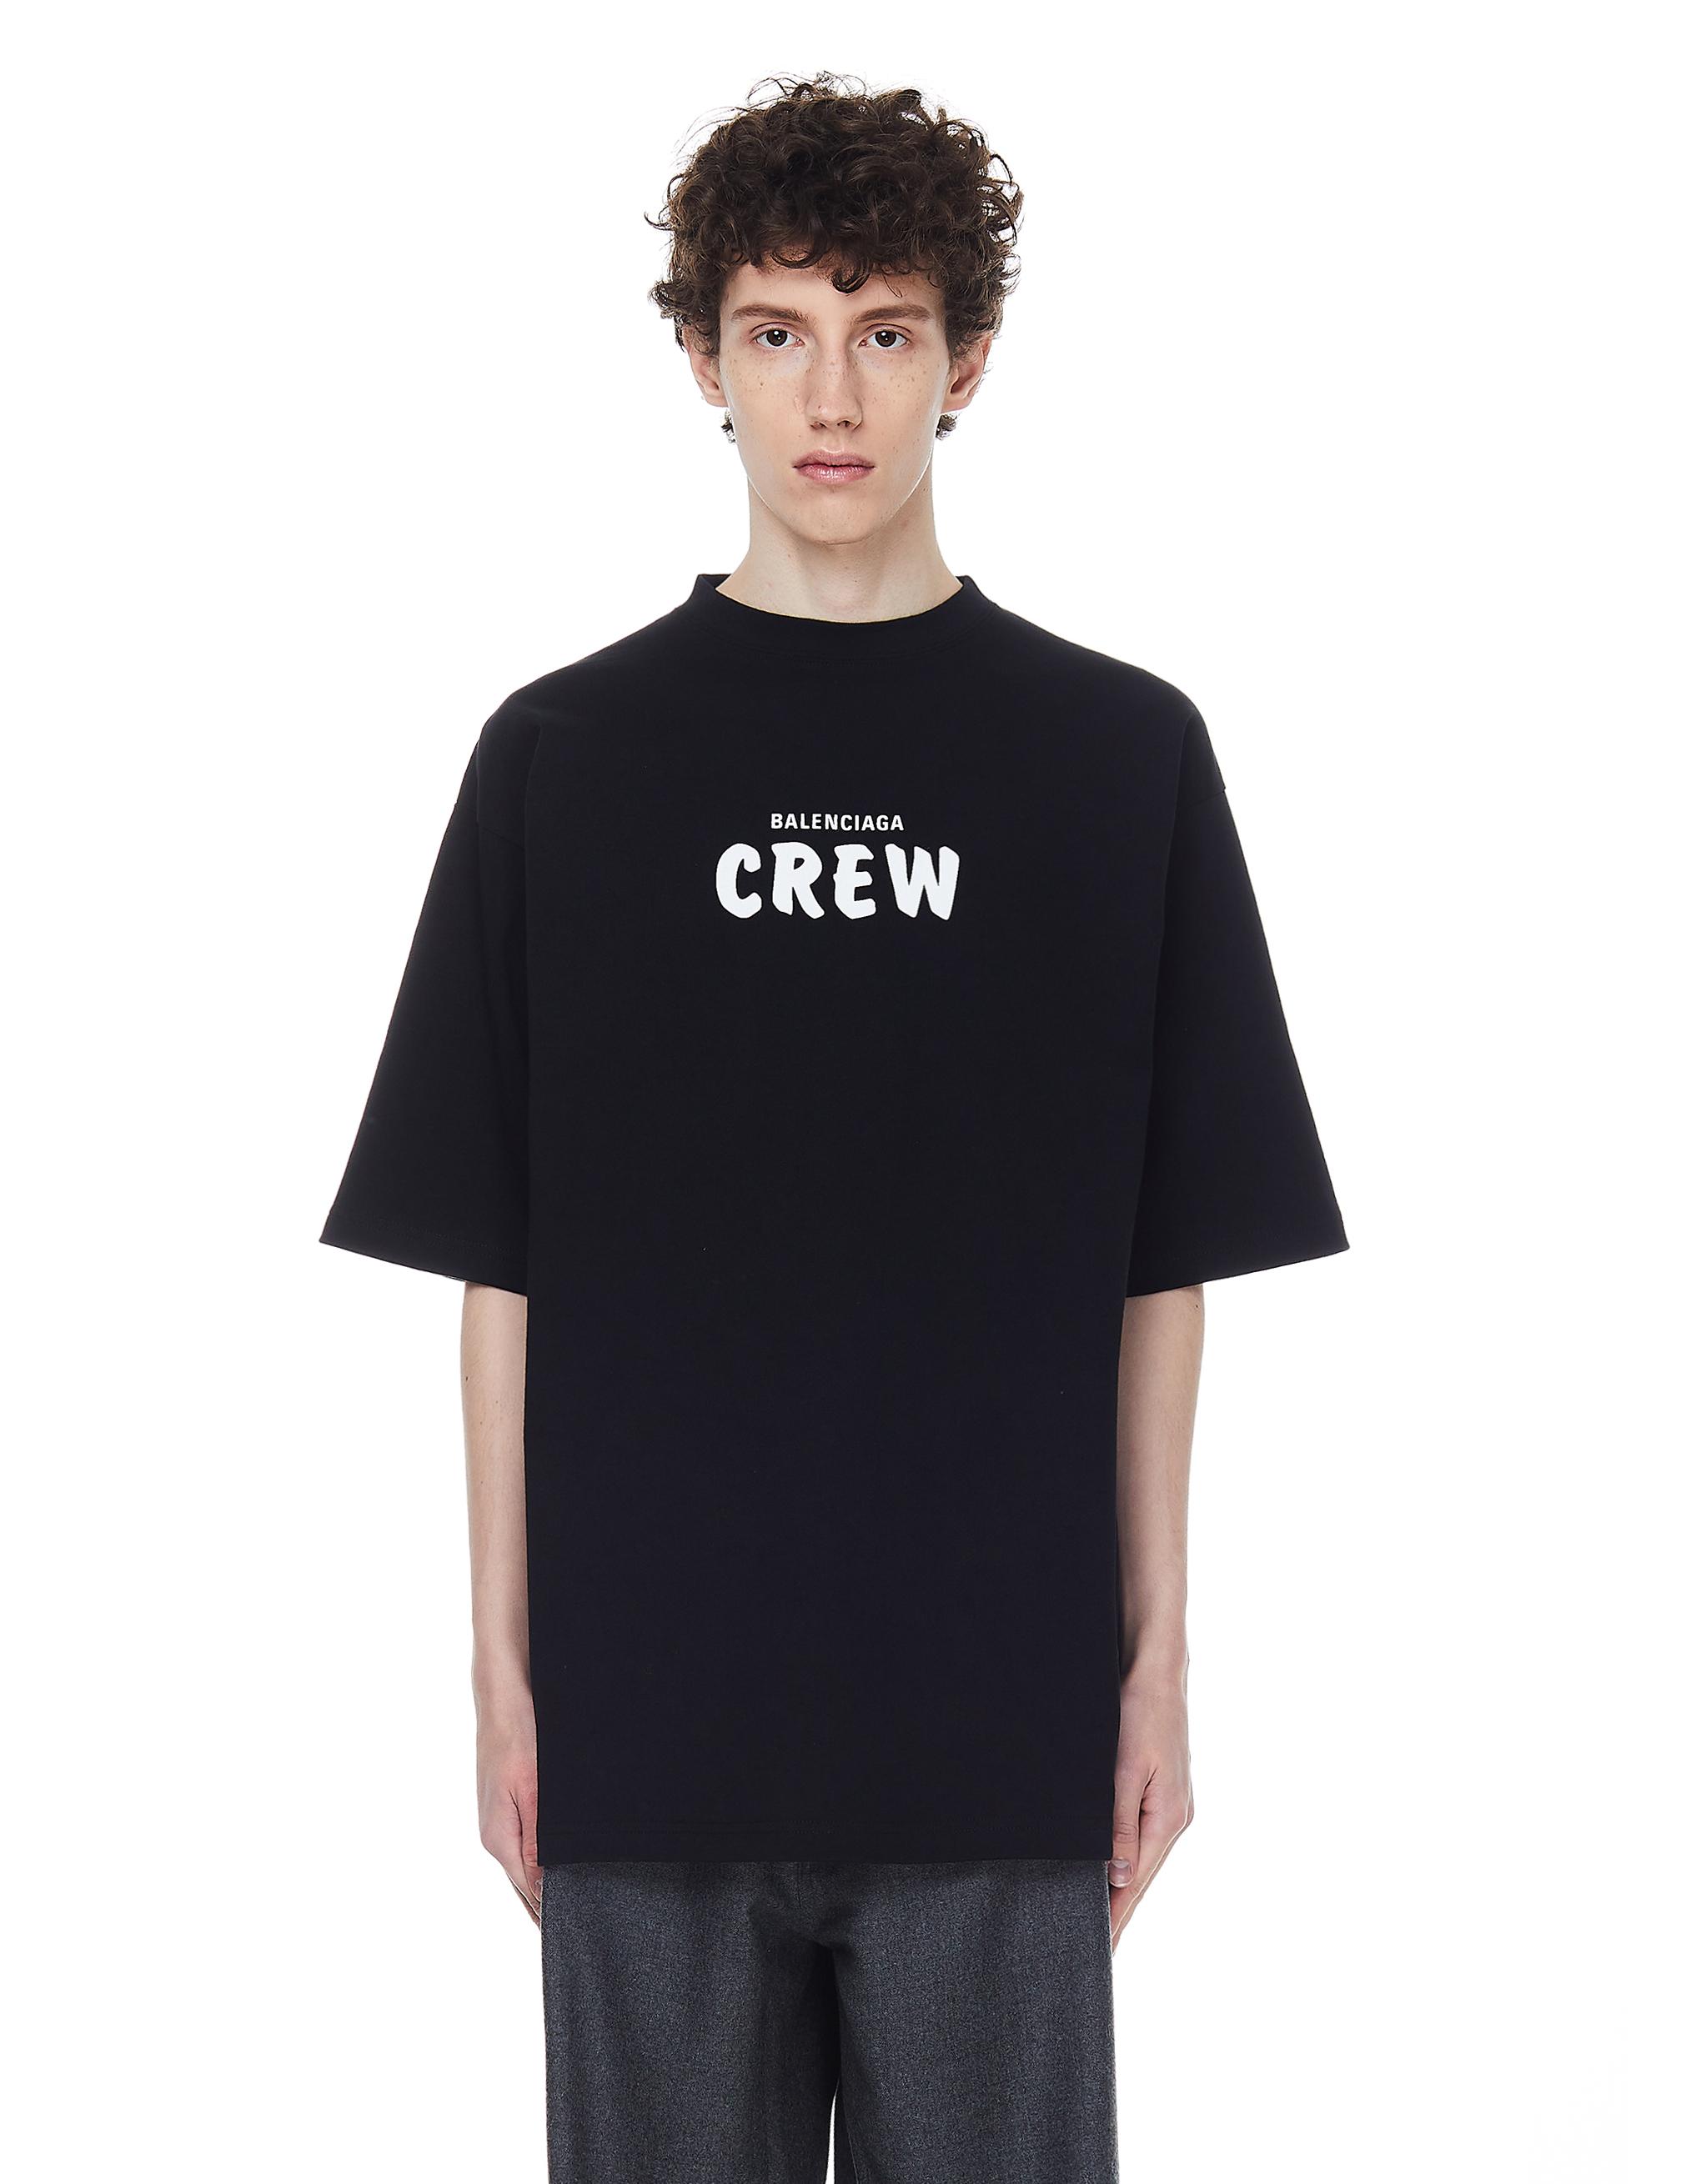 Balenciaga Oversize Balenciaga Crew T-shirt